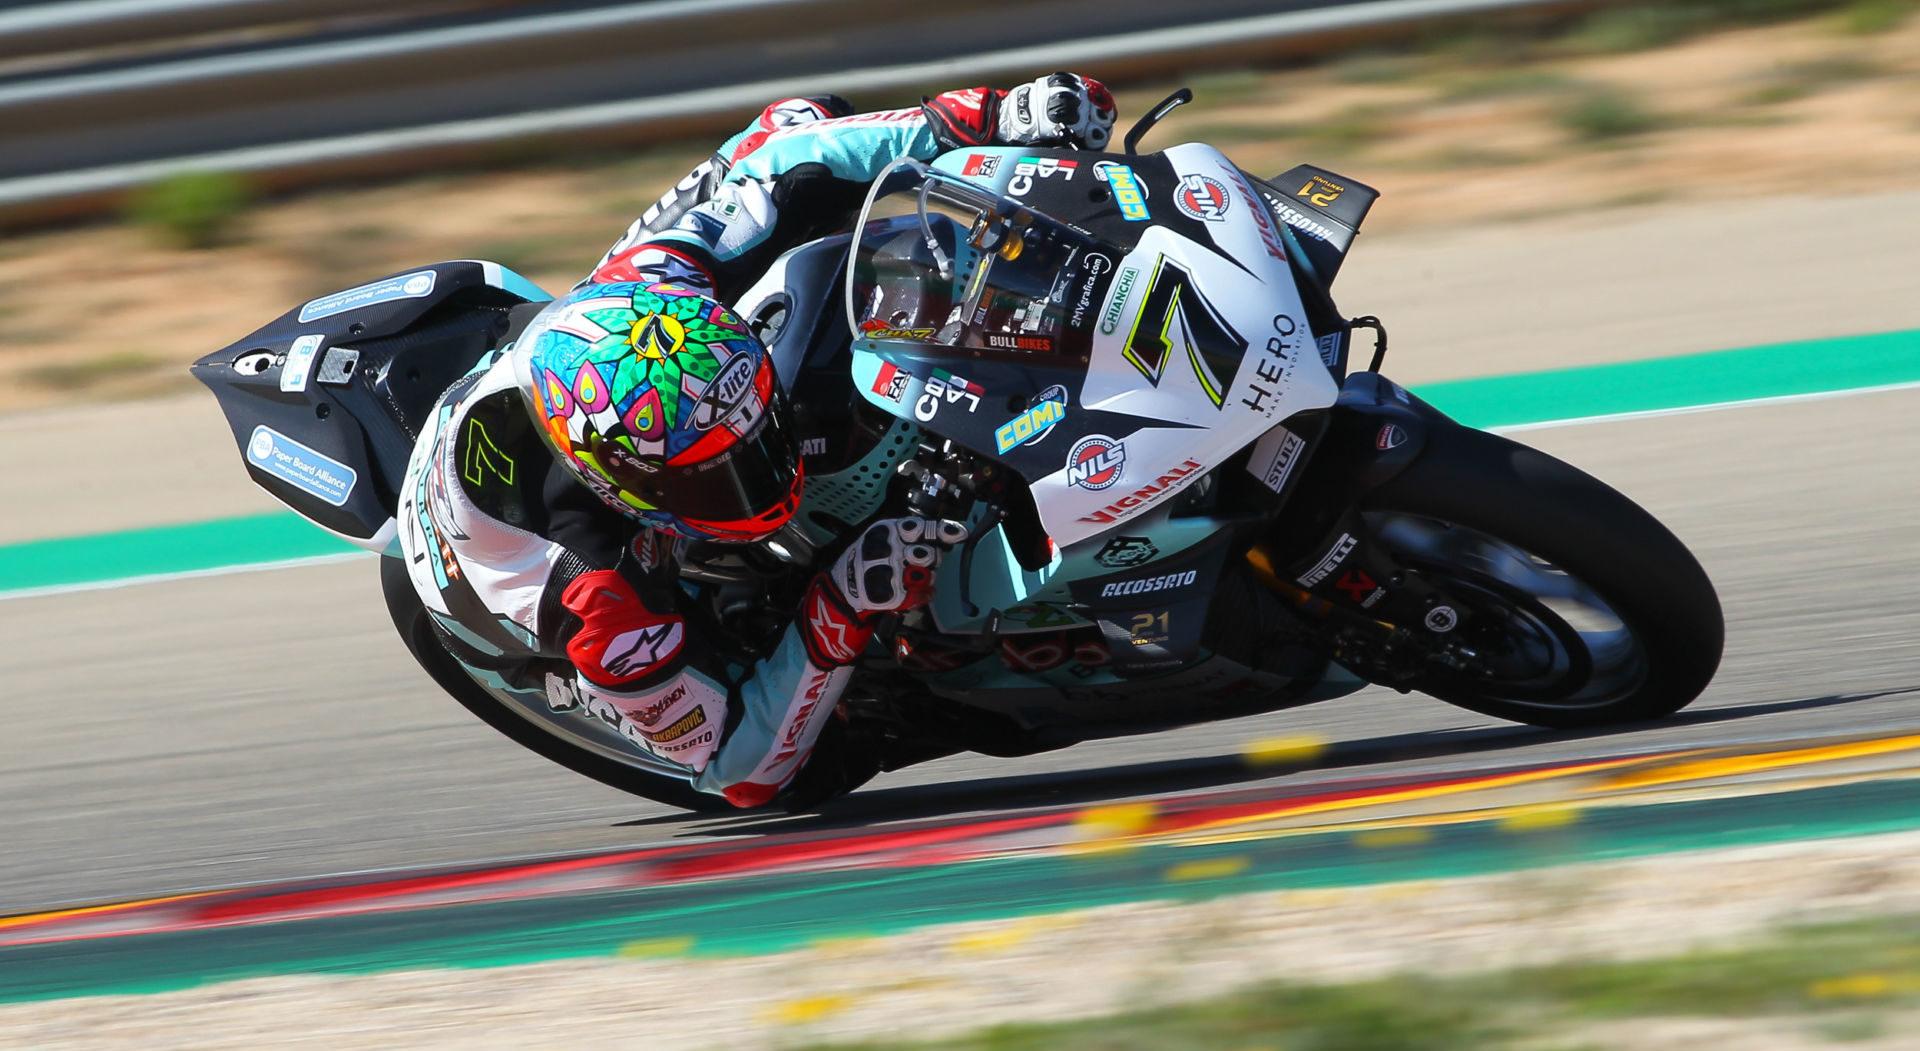 World Superbike: Davies P1, Gerloff P4 During Testing At Motorland Aragon